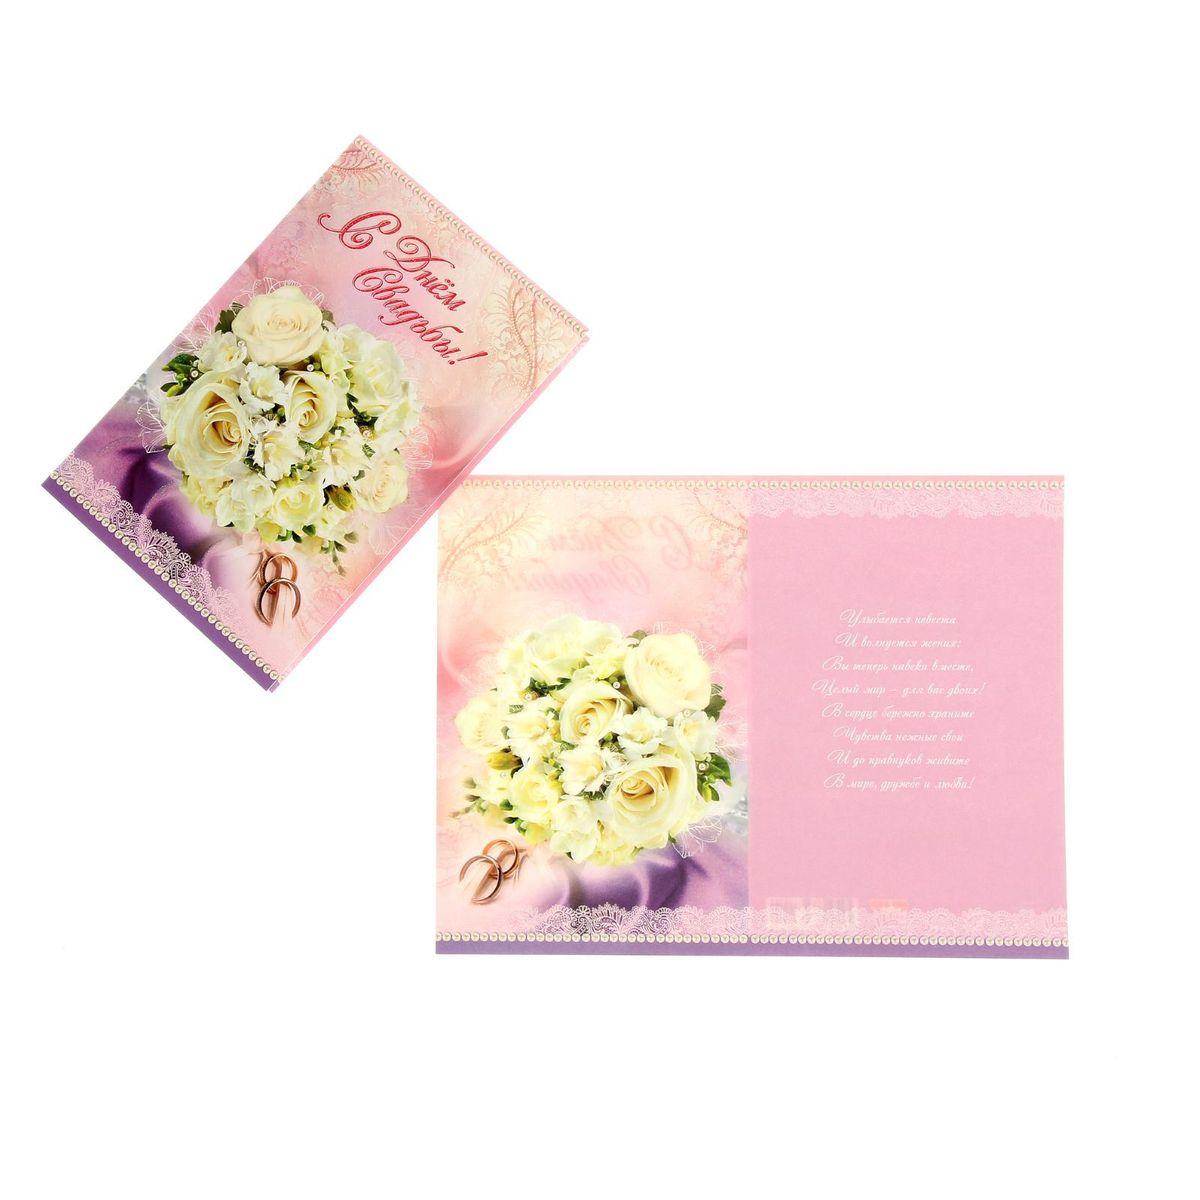 Открытка Миленд С днем свадьбы! Белые розы1376714Если вы хотите порадовать себя или близких, создать праздничное настроение и с улыбкой провести памятный день, то вы, несомненно, сделали правильный выбор! Открытка Миленд С днем свадьбы! Белые розы, выполненная из плотной бумаги, отличается не только оригинальным дизайном, но и высоким качеством.Лицевая сторона изделия оформлена ярким изображением. Внутри открытка содержит текст с поздравлением.Такая открытка непременно порадует получателя и станет отличным напоминанием о проведенном вместе времени.